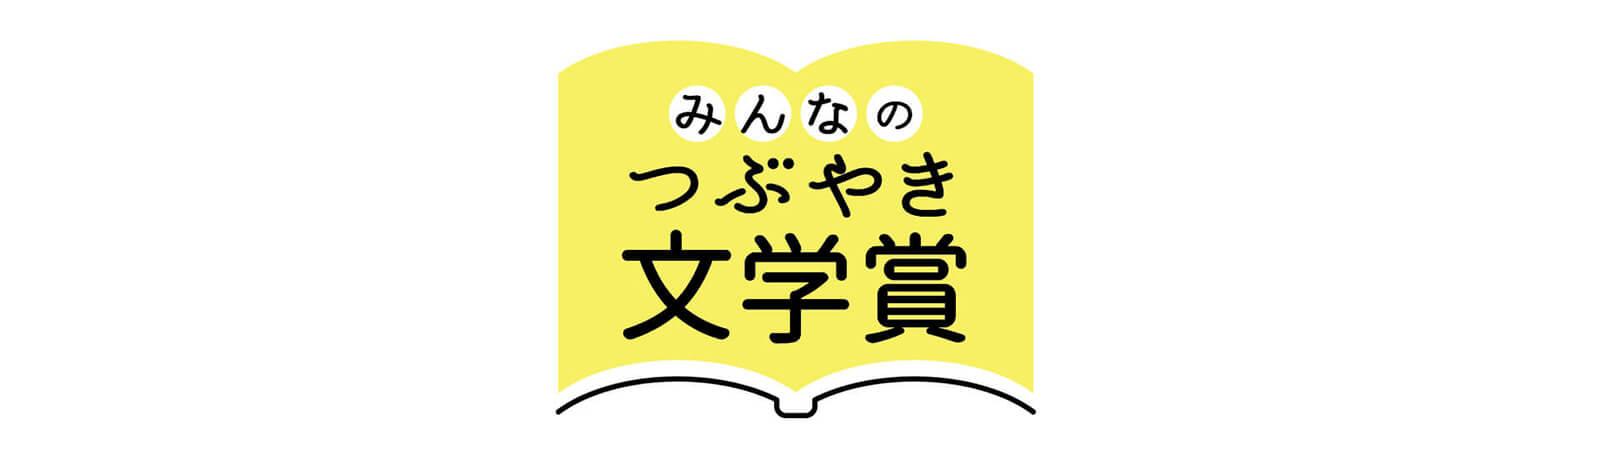 みんなのつぶやき文学賞公式サイト